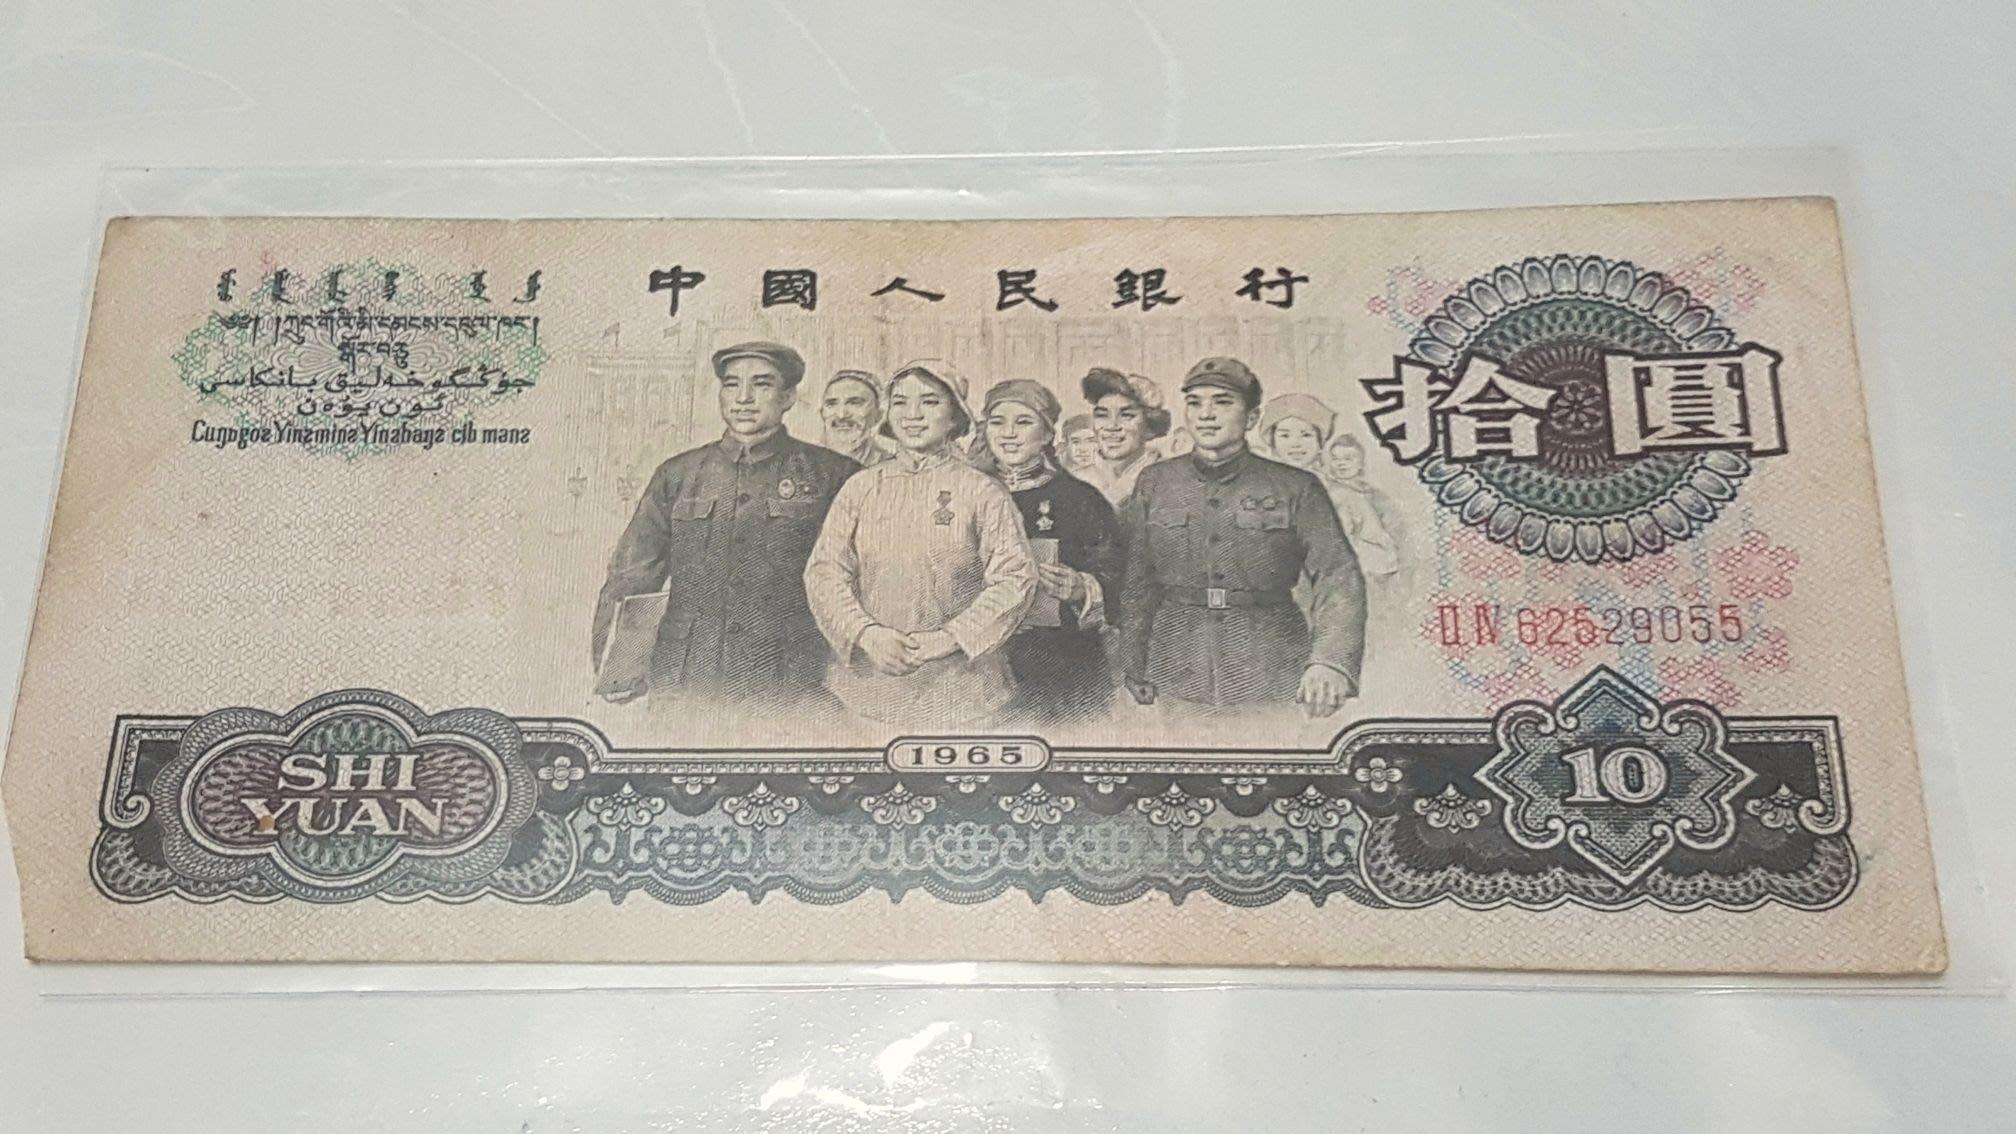 中國人民銀行 1965年大團結